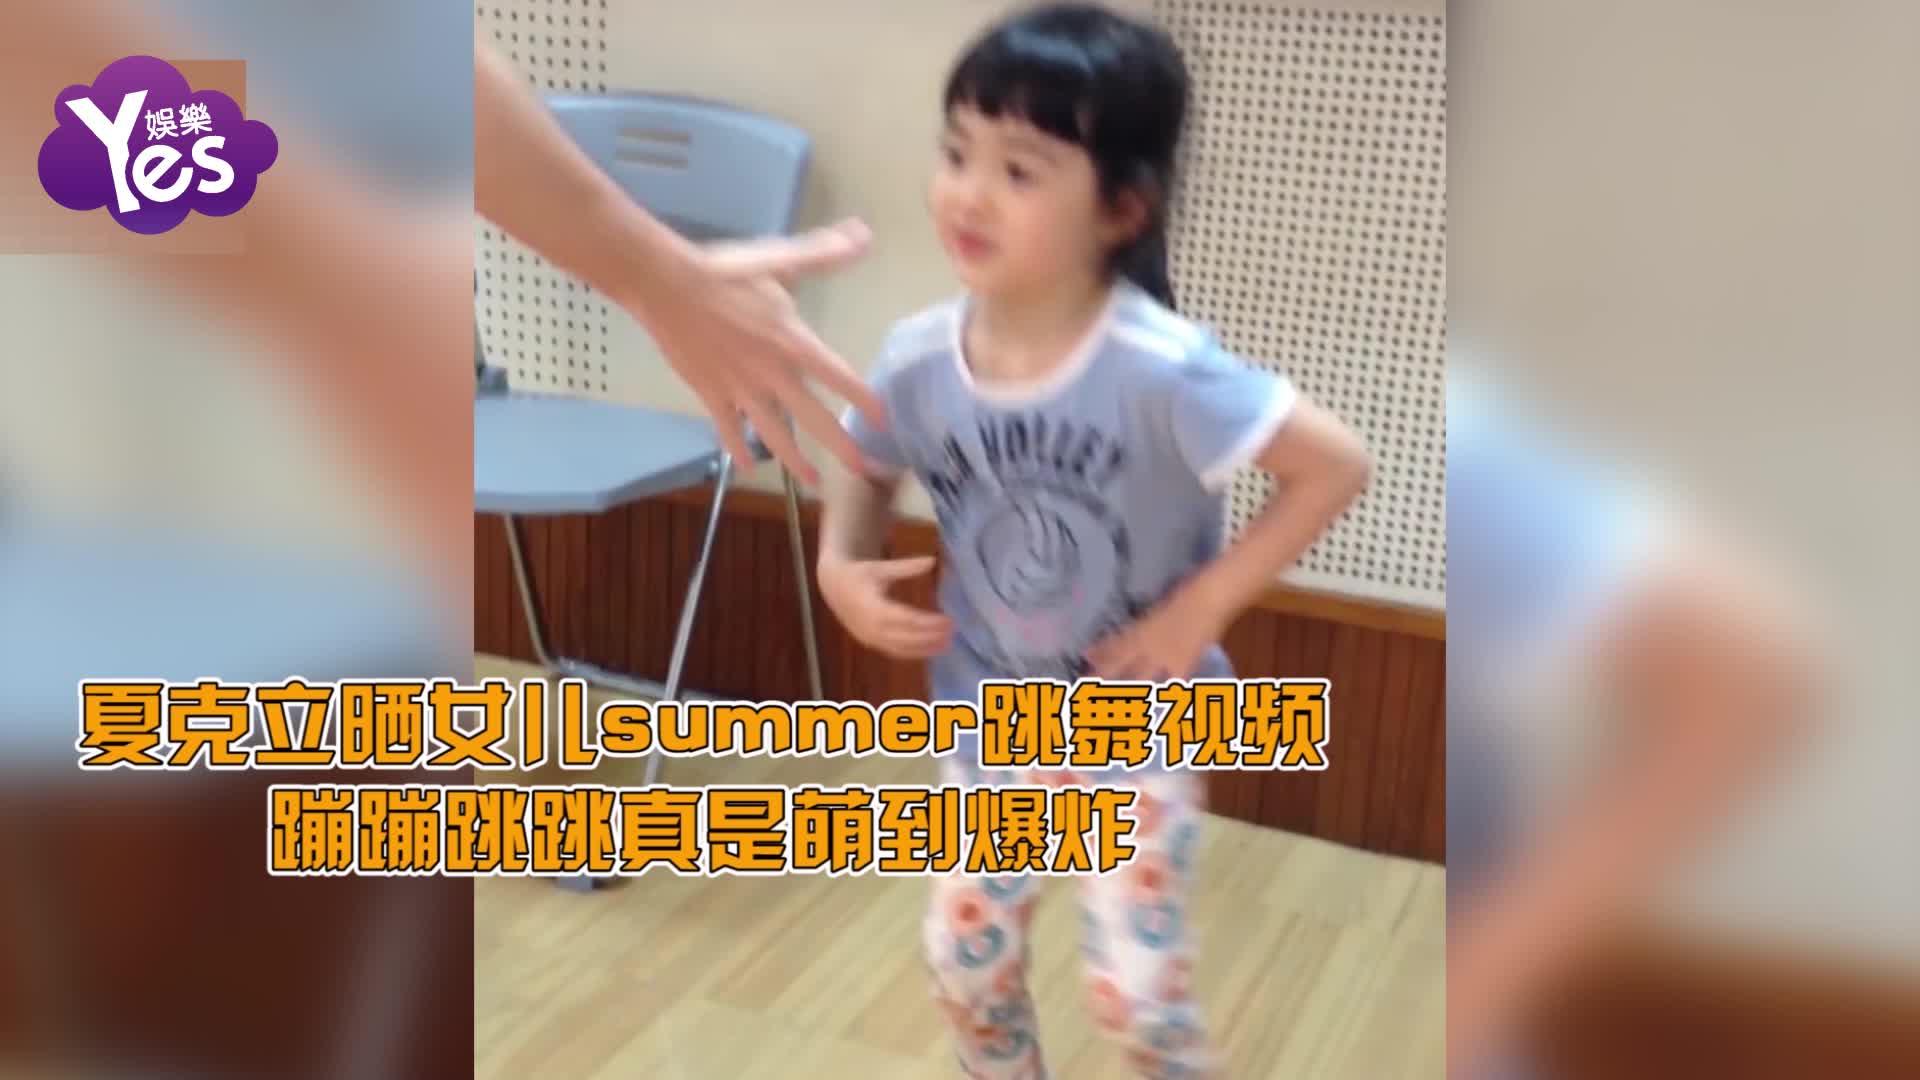 夏克立晒女儿夏天小时候跳舞!蹦蹦跳跳节奏感十足  !